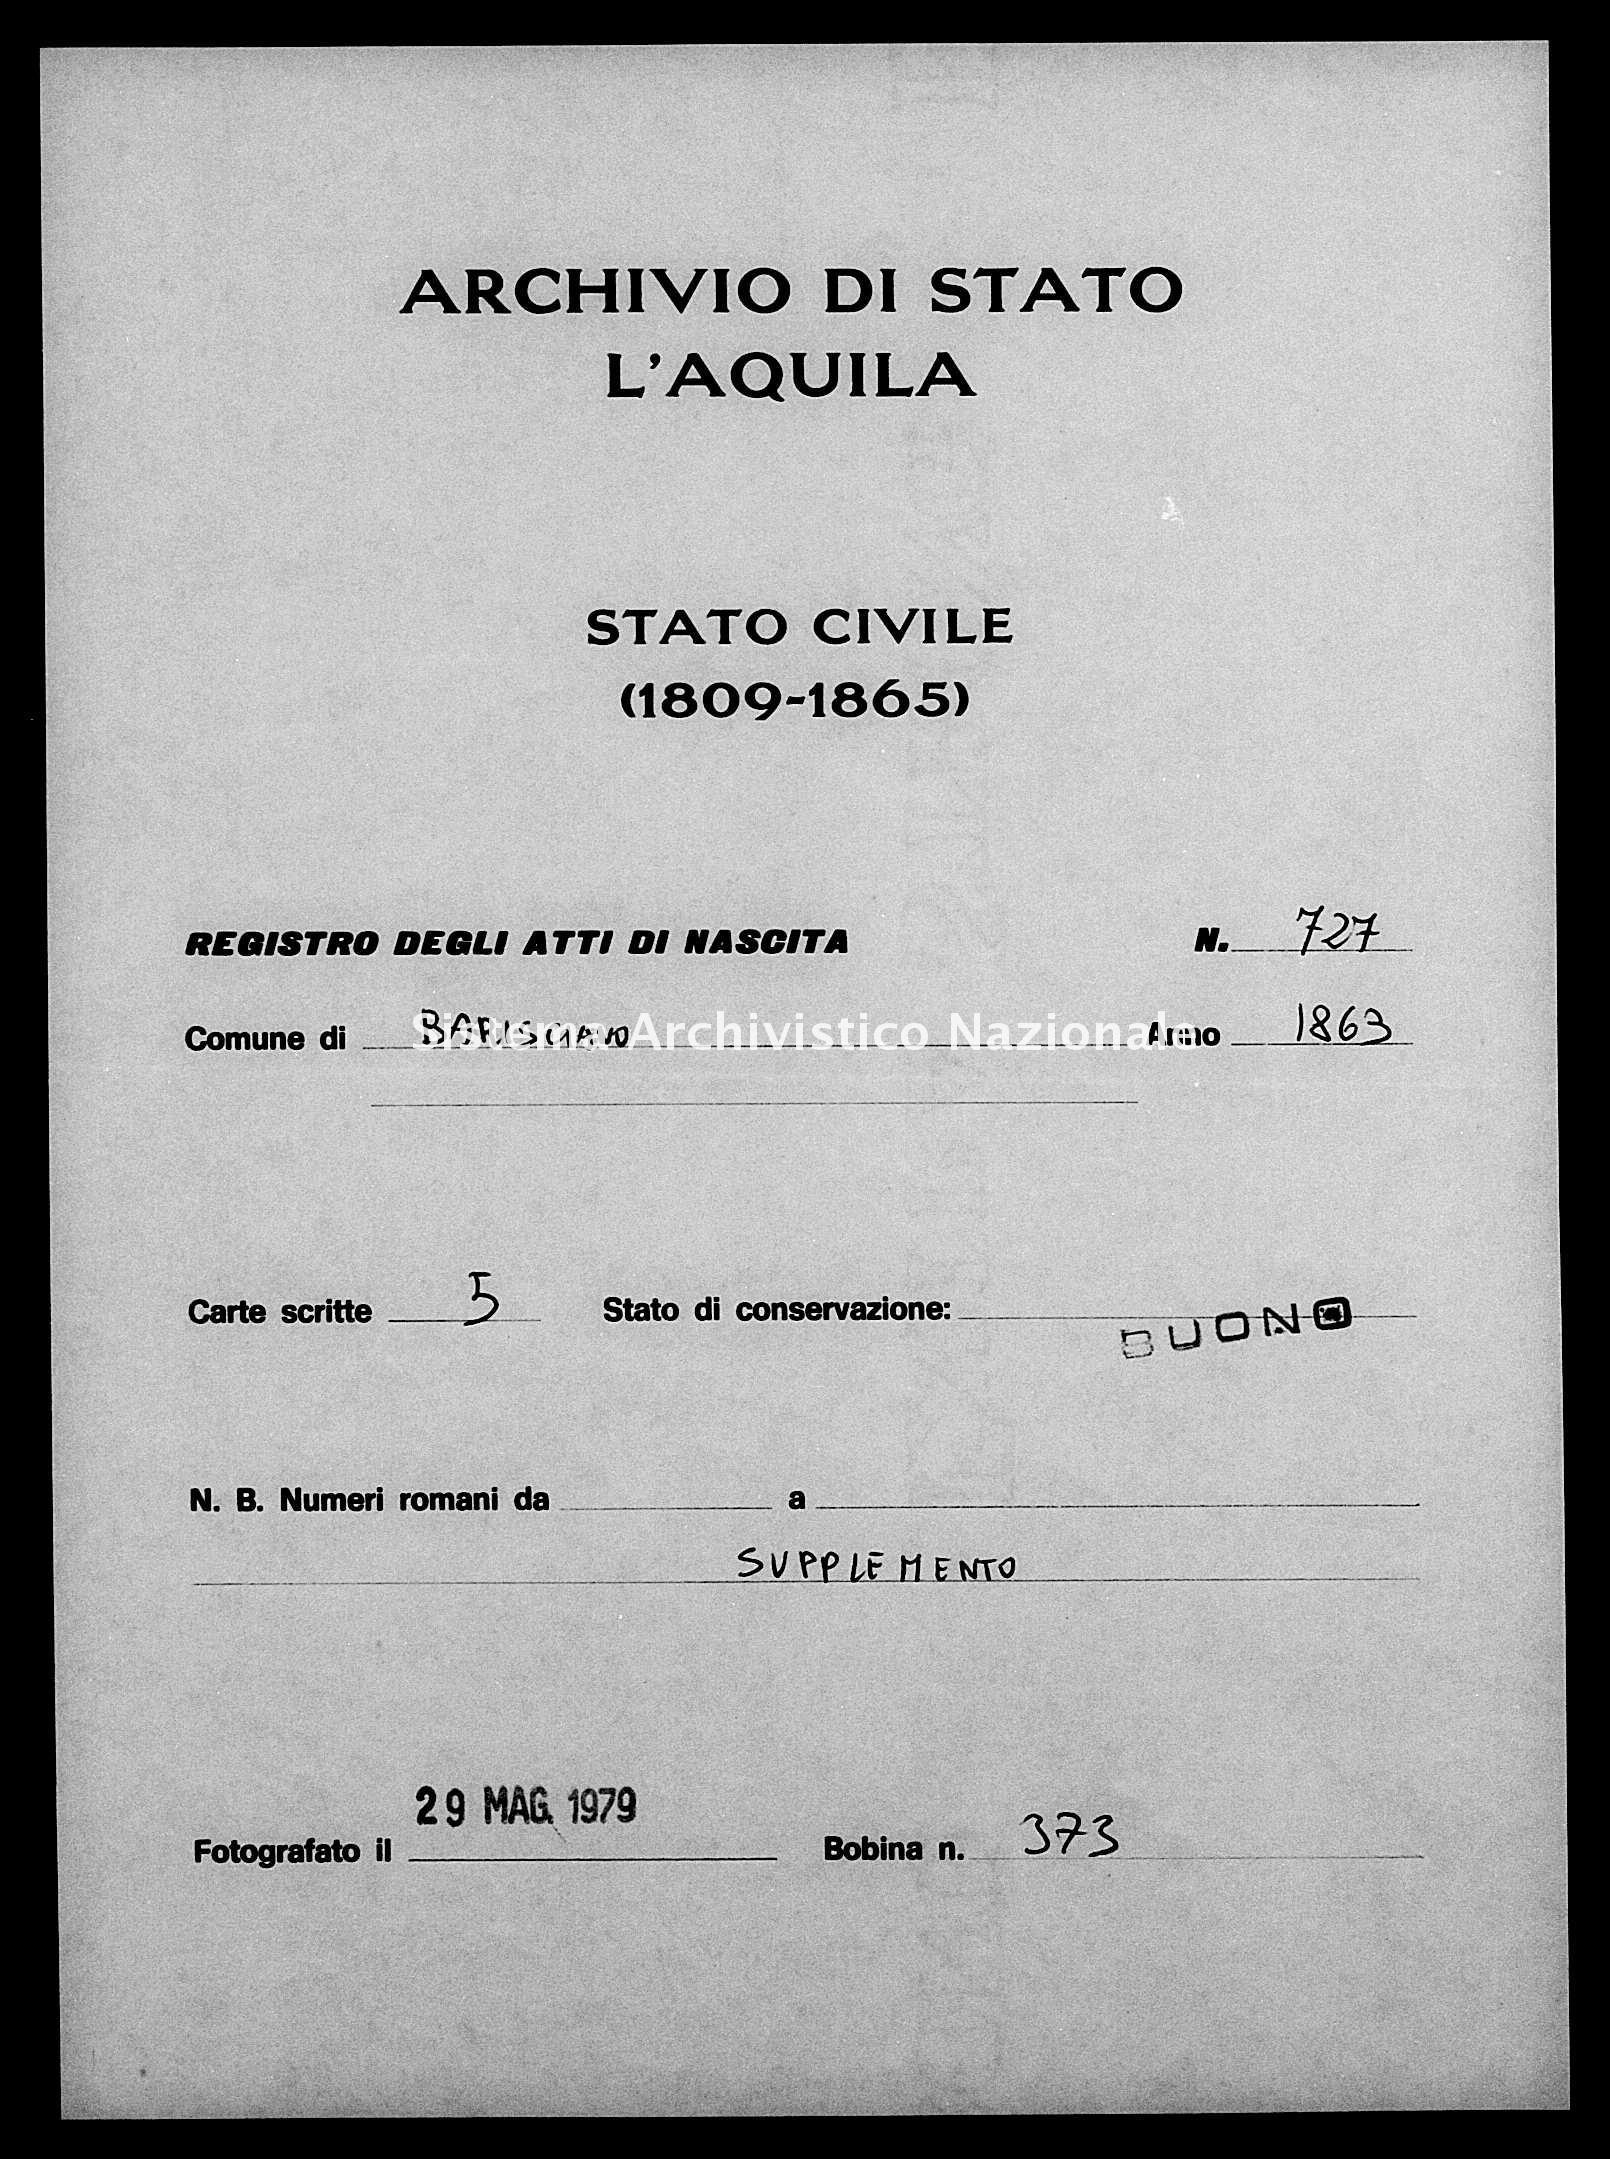 Archivio di stato di L'aquila - Stato civile italiano - Barisciano - Nati, esposti - 1863 - 727 -